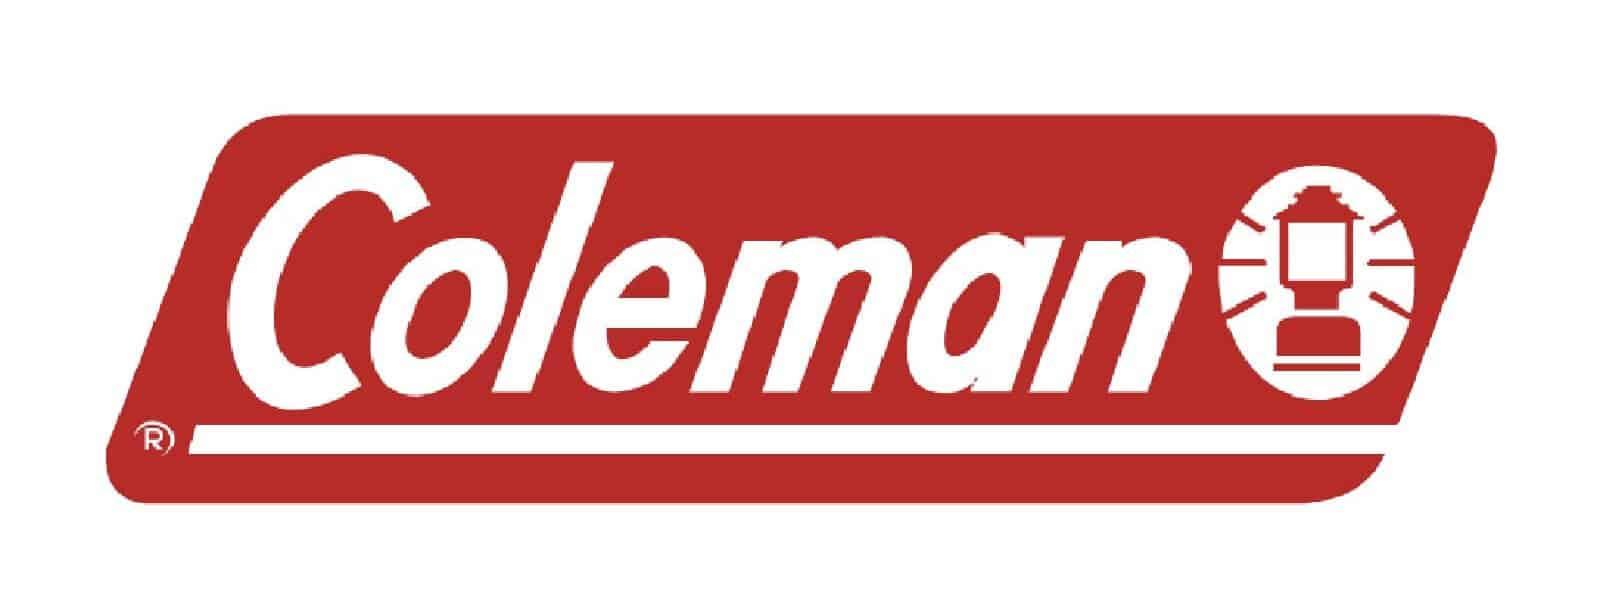 Coleman AC Repair in Dubai